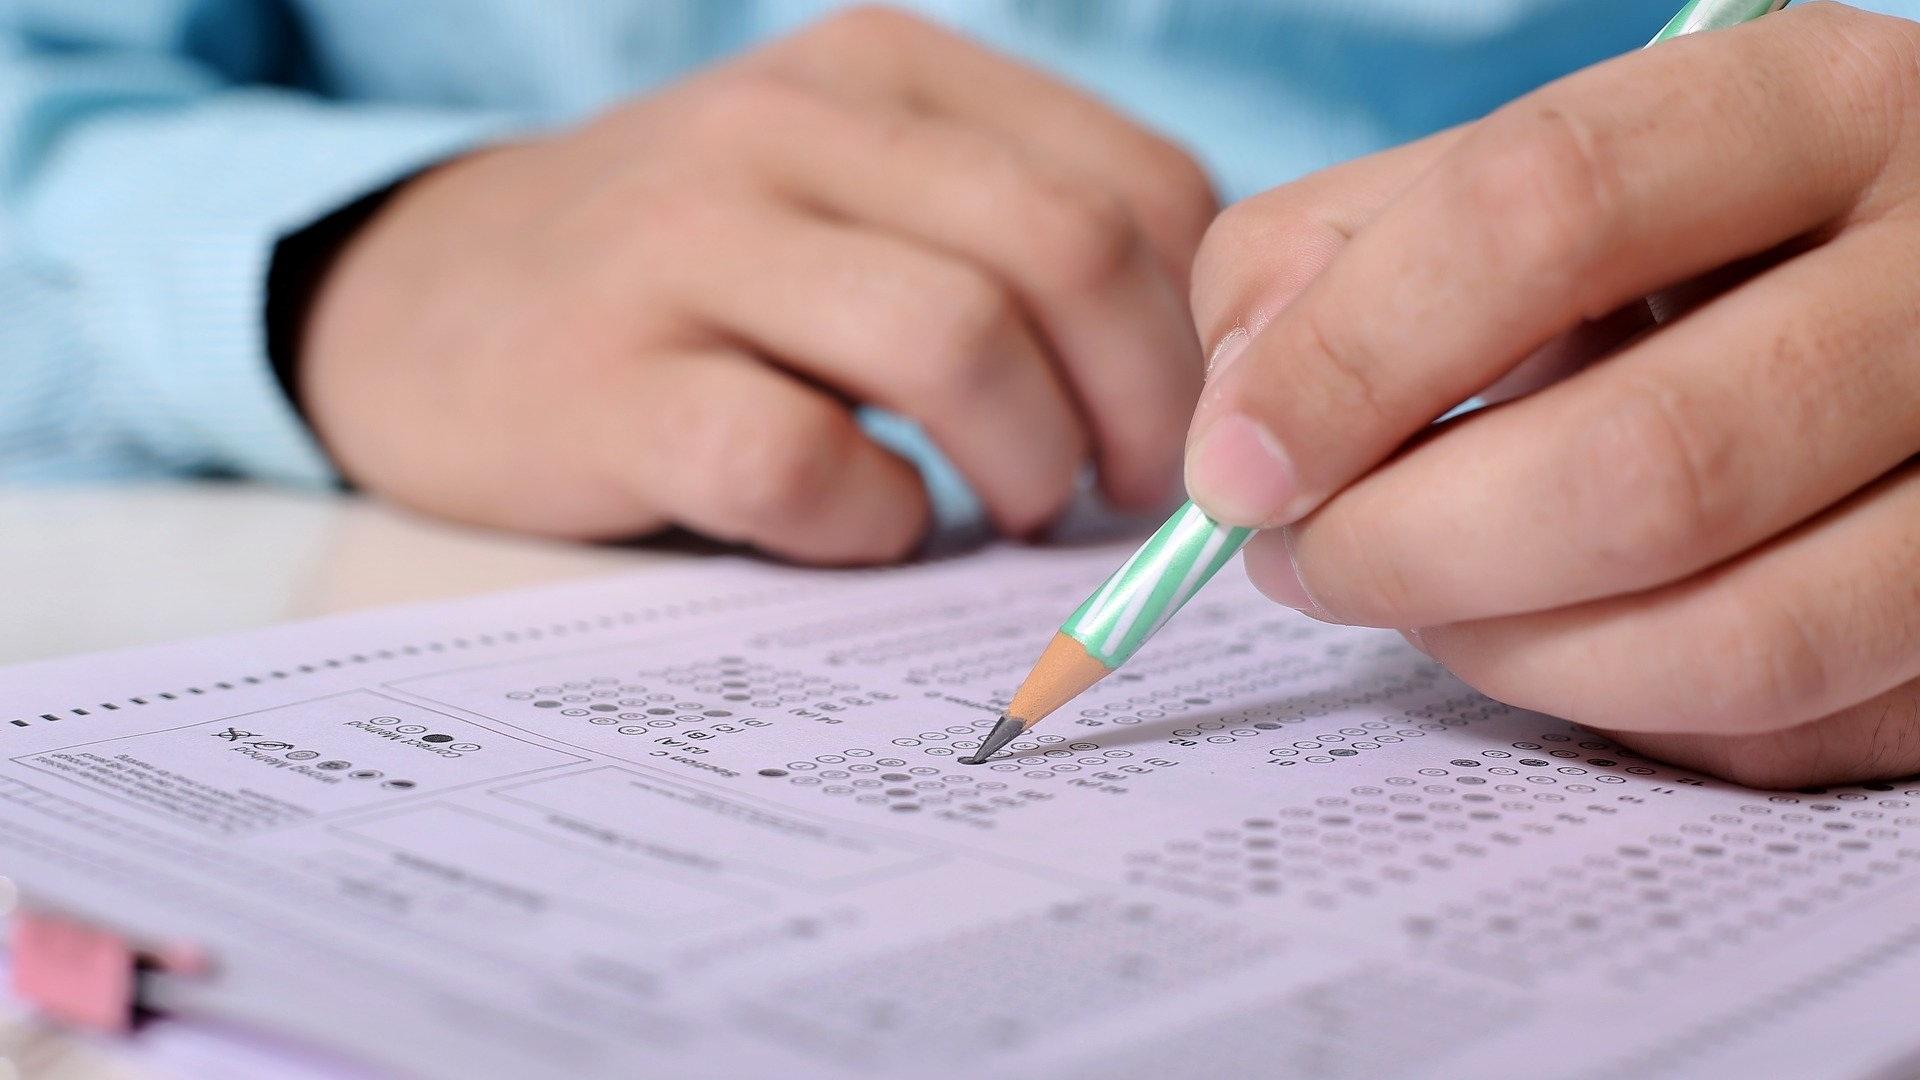 როგორ უნდა ჩატარდეს გამოცდები უნივერსიტეტებში – რეკომენდაციები